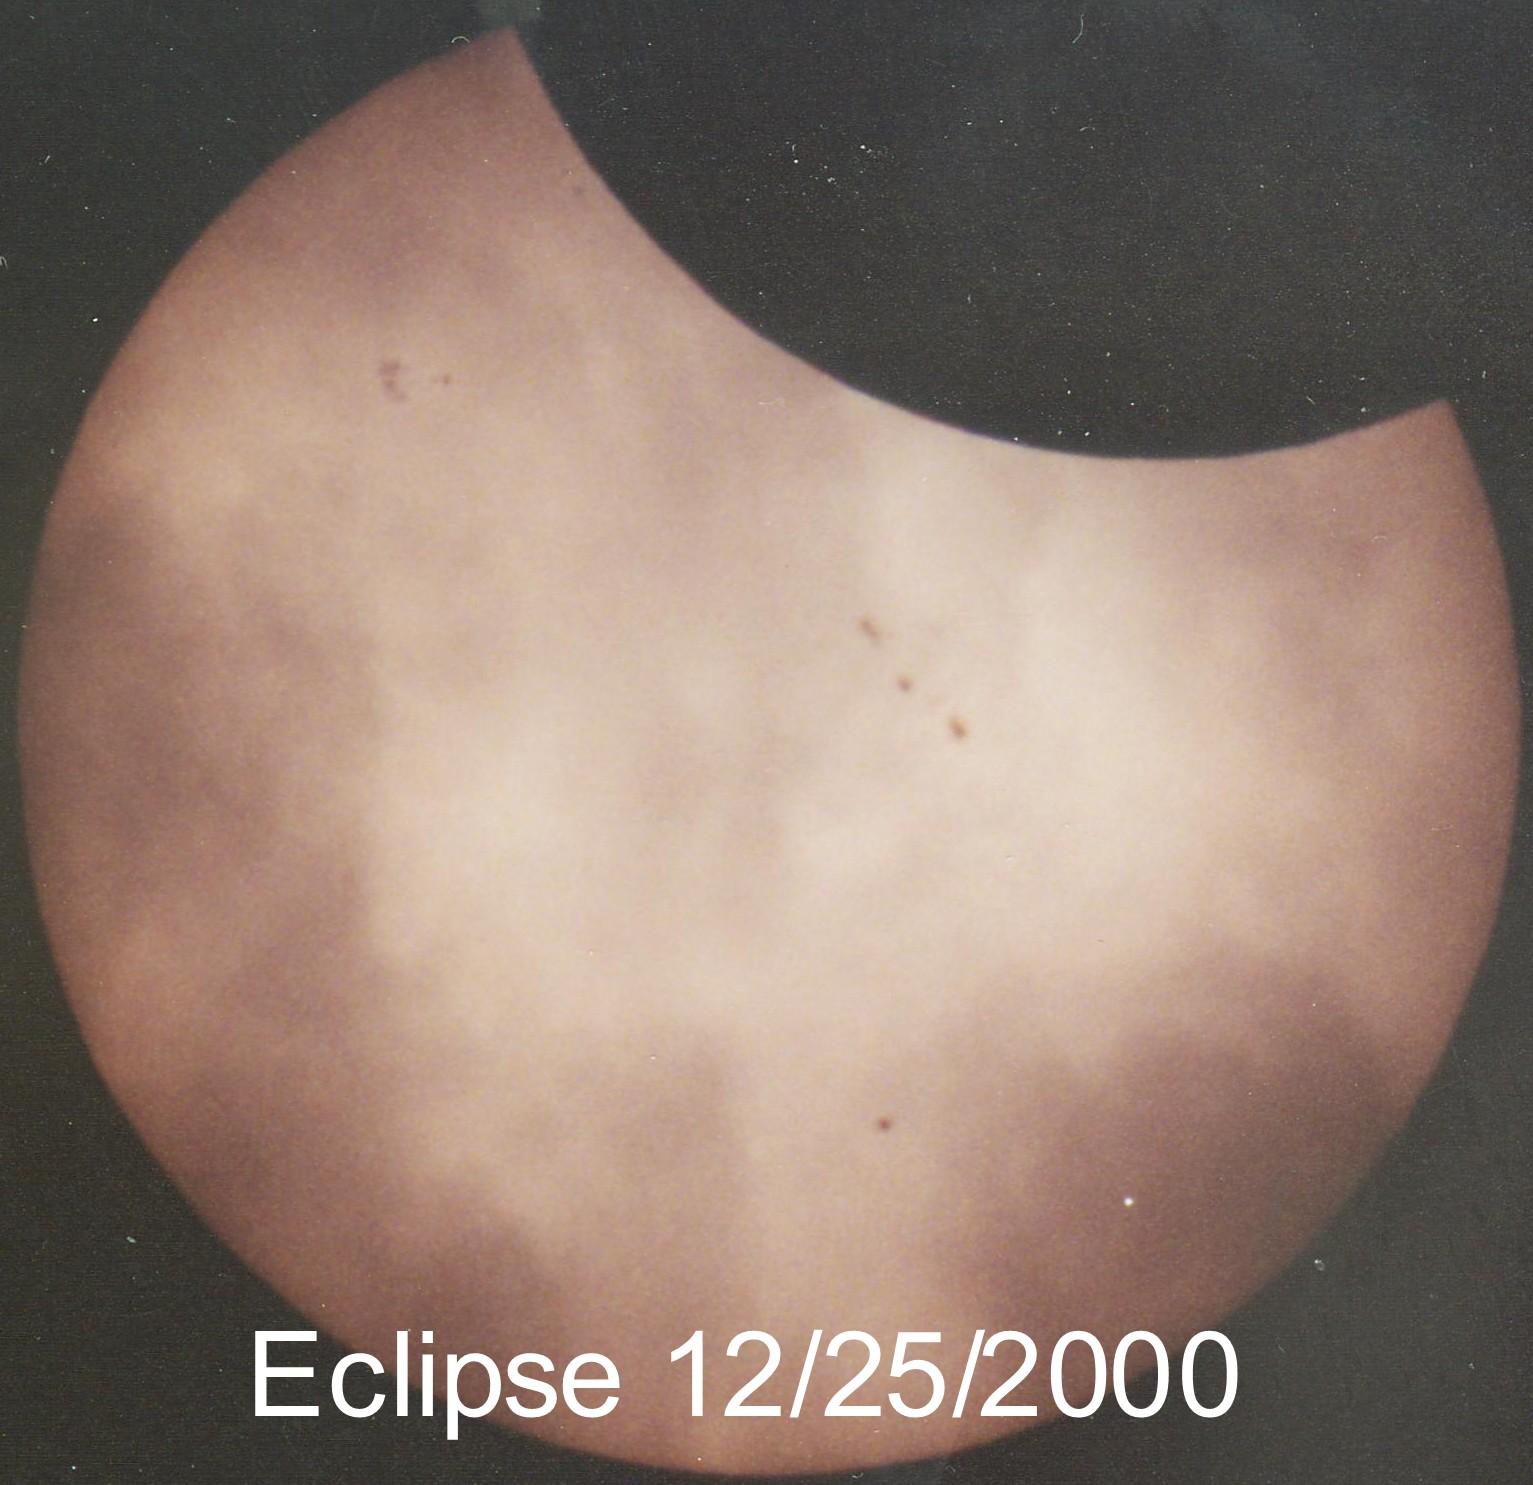 eclipse 12-25-2000